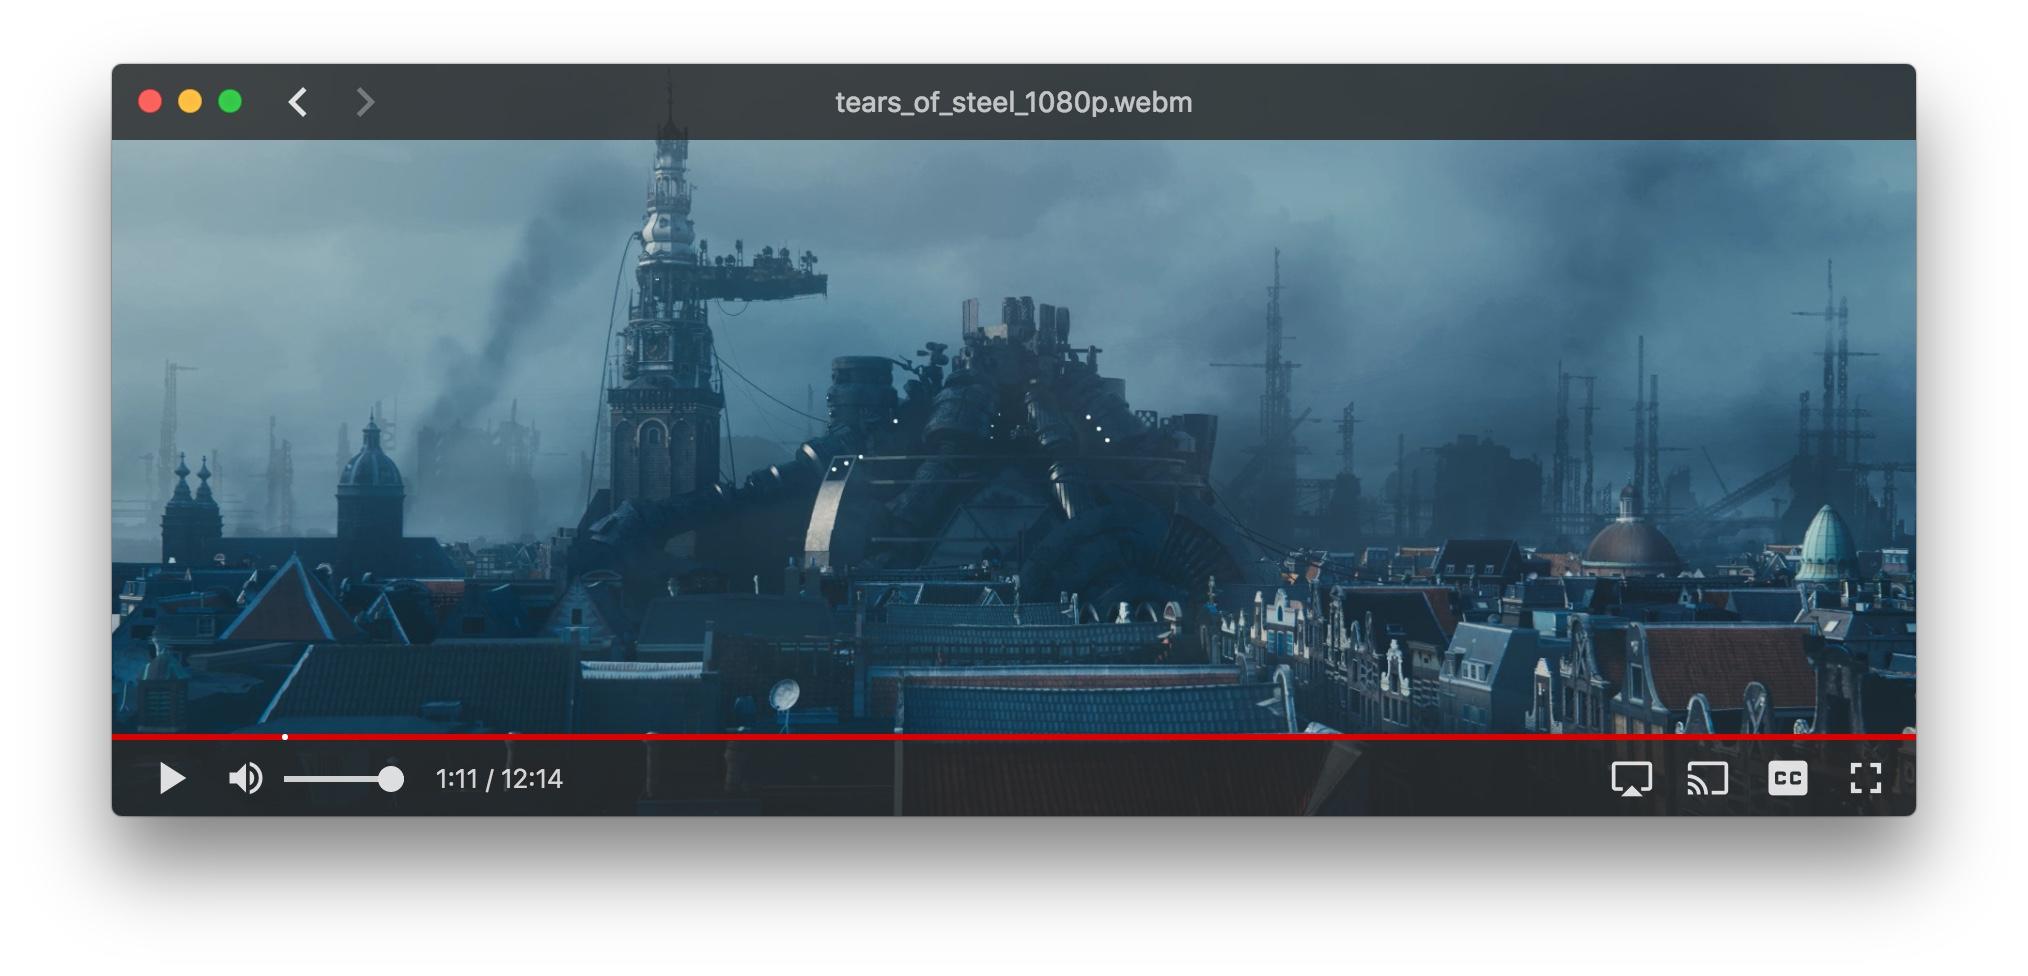 WebTorrent Desktop player window